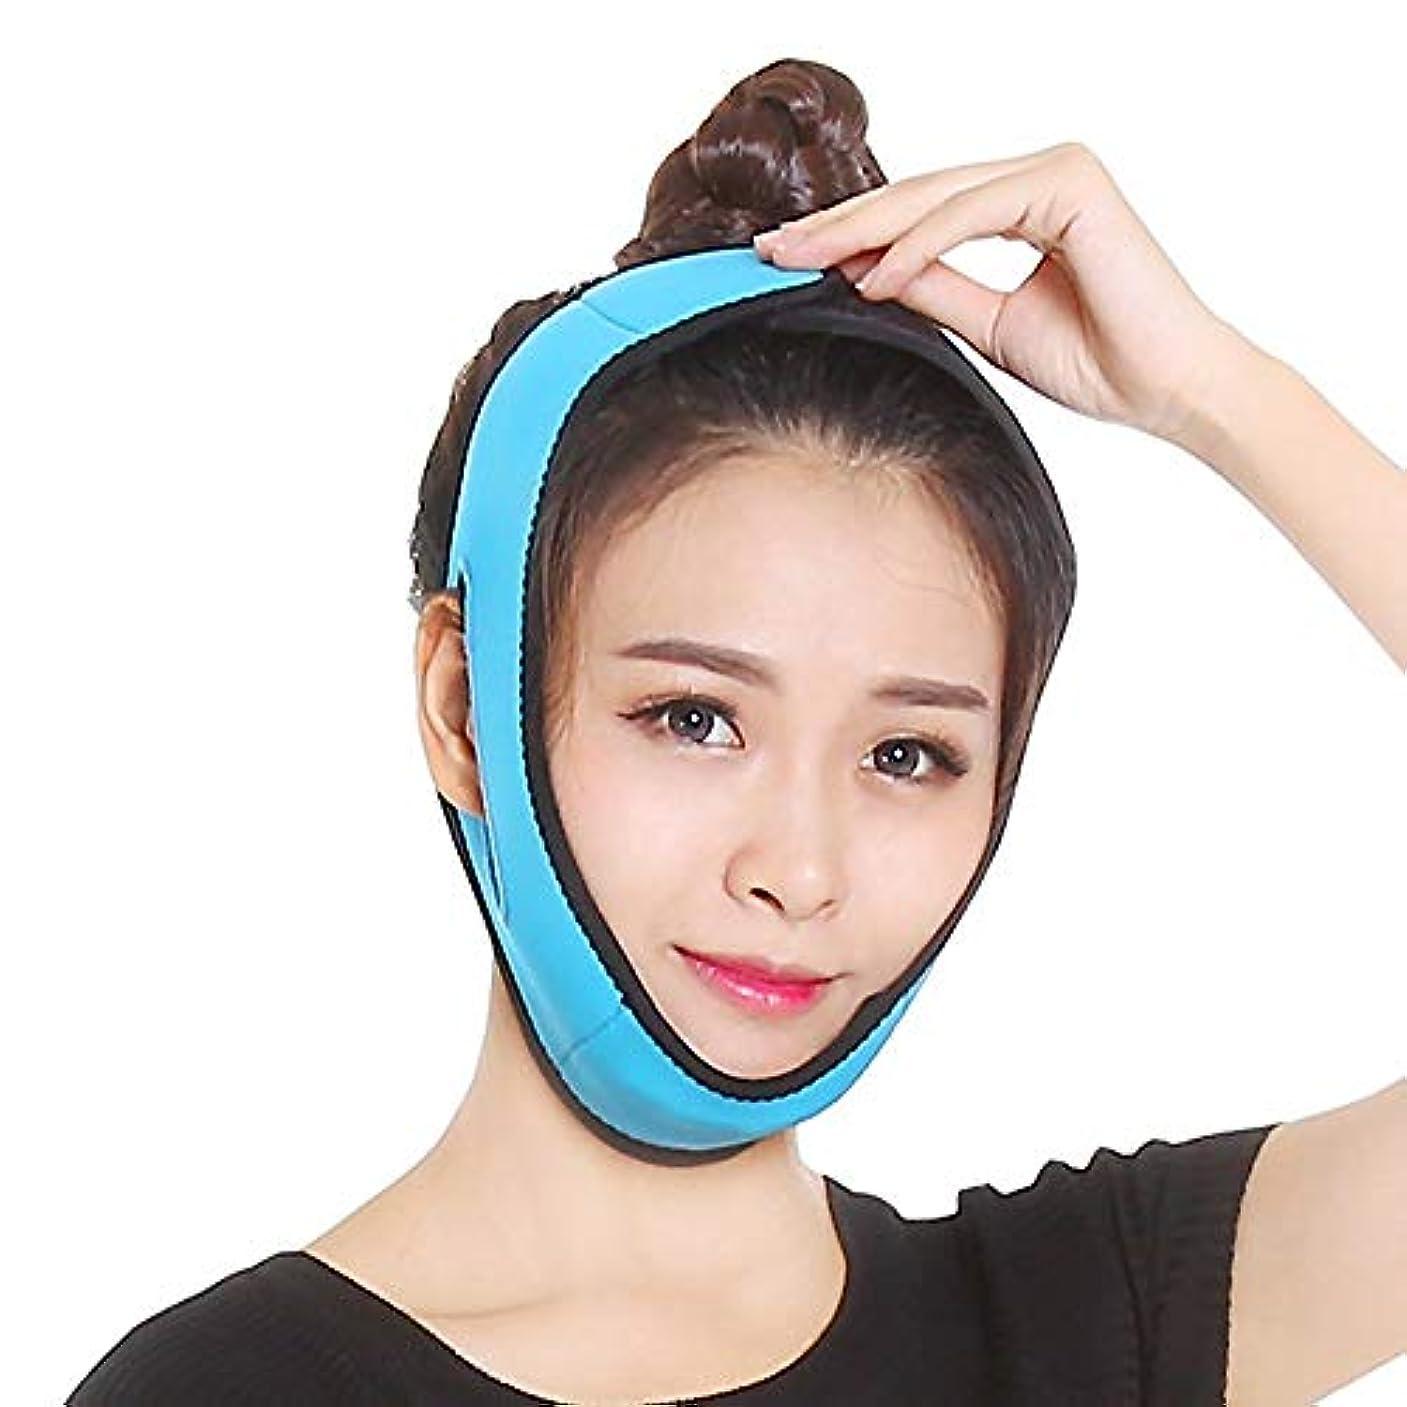 クロール施し破産BS フェイシャルリフティングスリミングベルト - 薄いフェイス包帯二重あごデバイス無料フェイシャルマッサージ整形マスクを引き締める顔と首の顔スリム フェイスリフティングアーティファクト